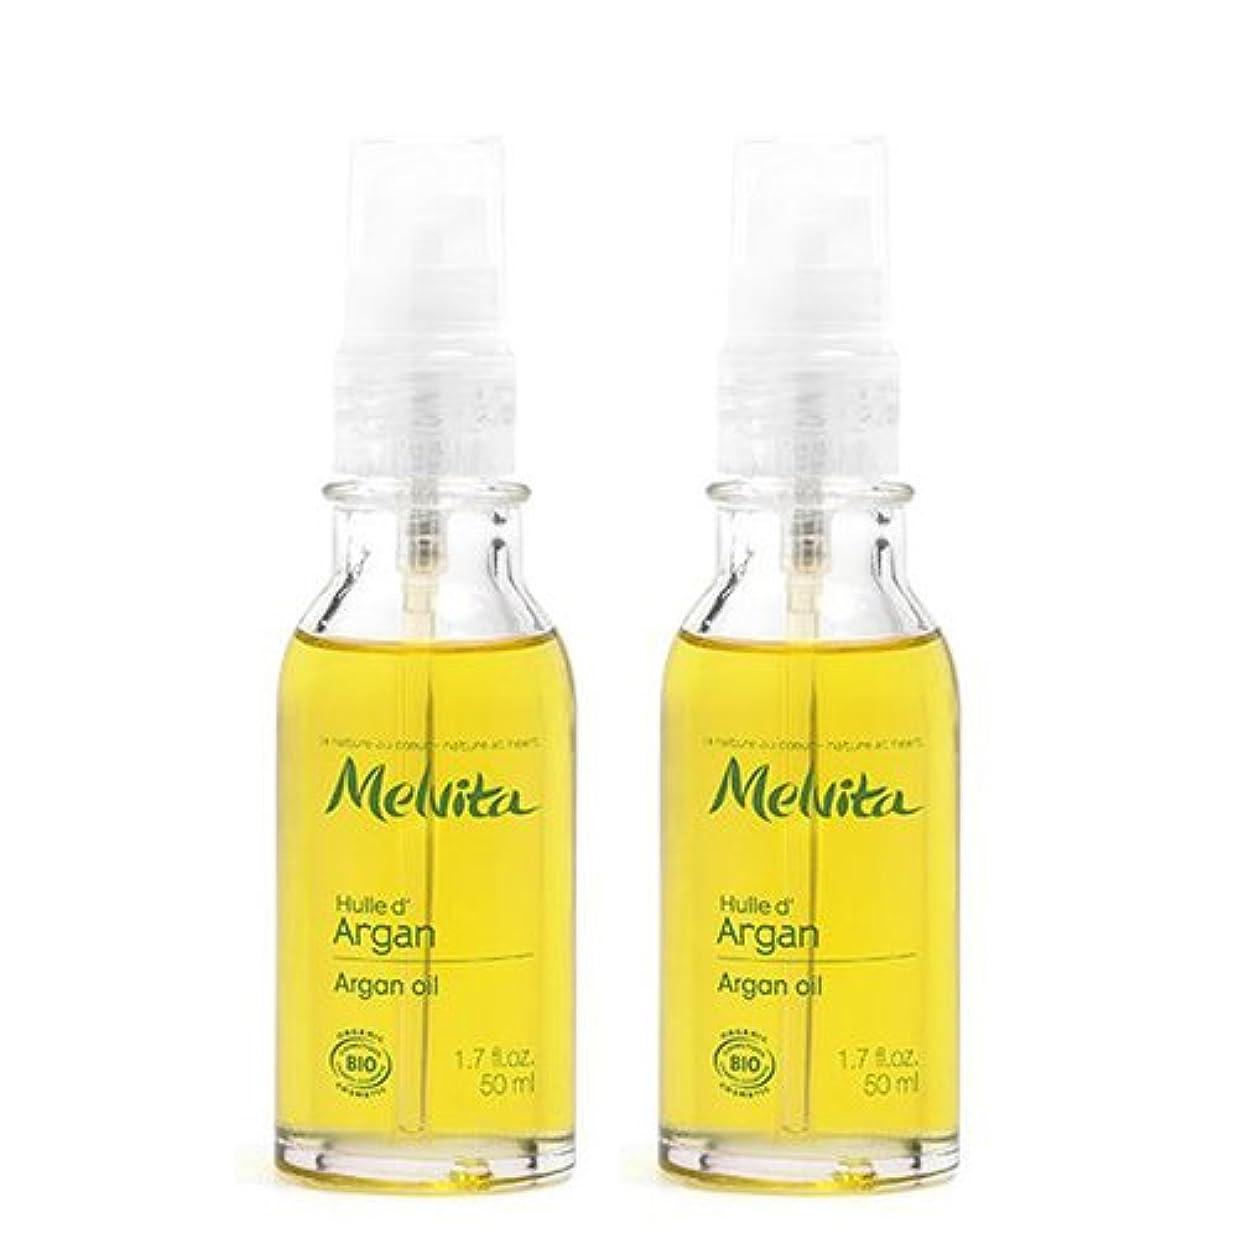 安全性カリング活性化メルヴィータ(Melvita) 2個セット ビオオイル アルガン オイル 50ml [並行輸入品]